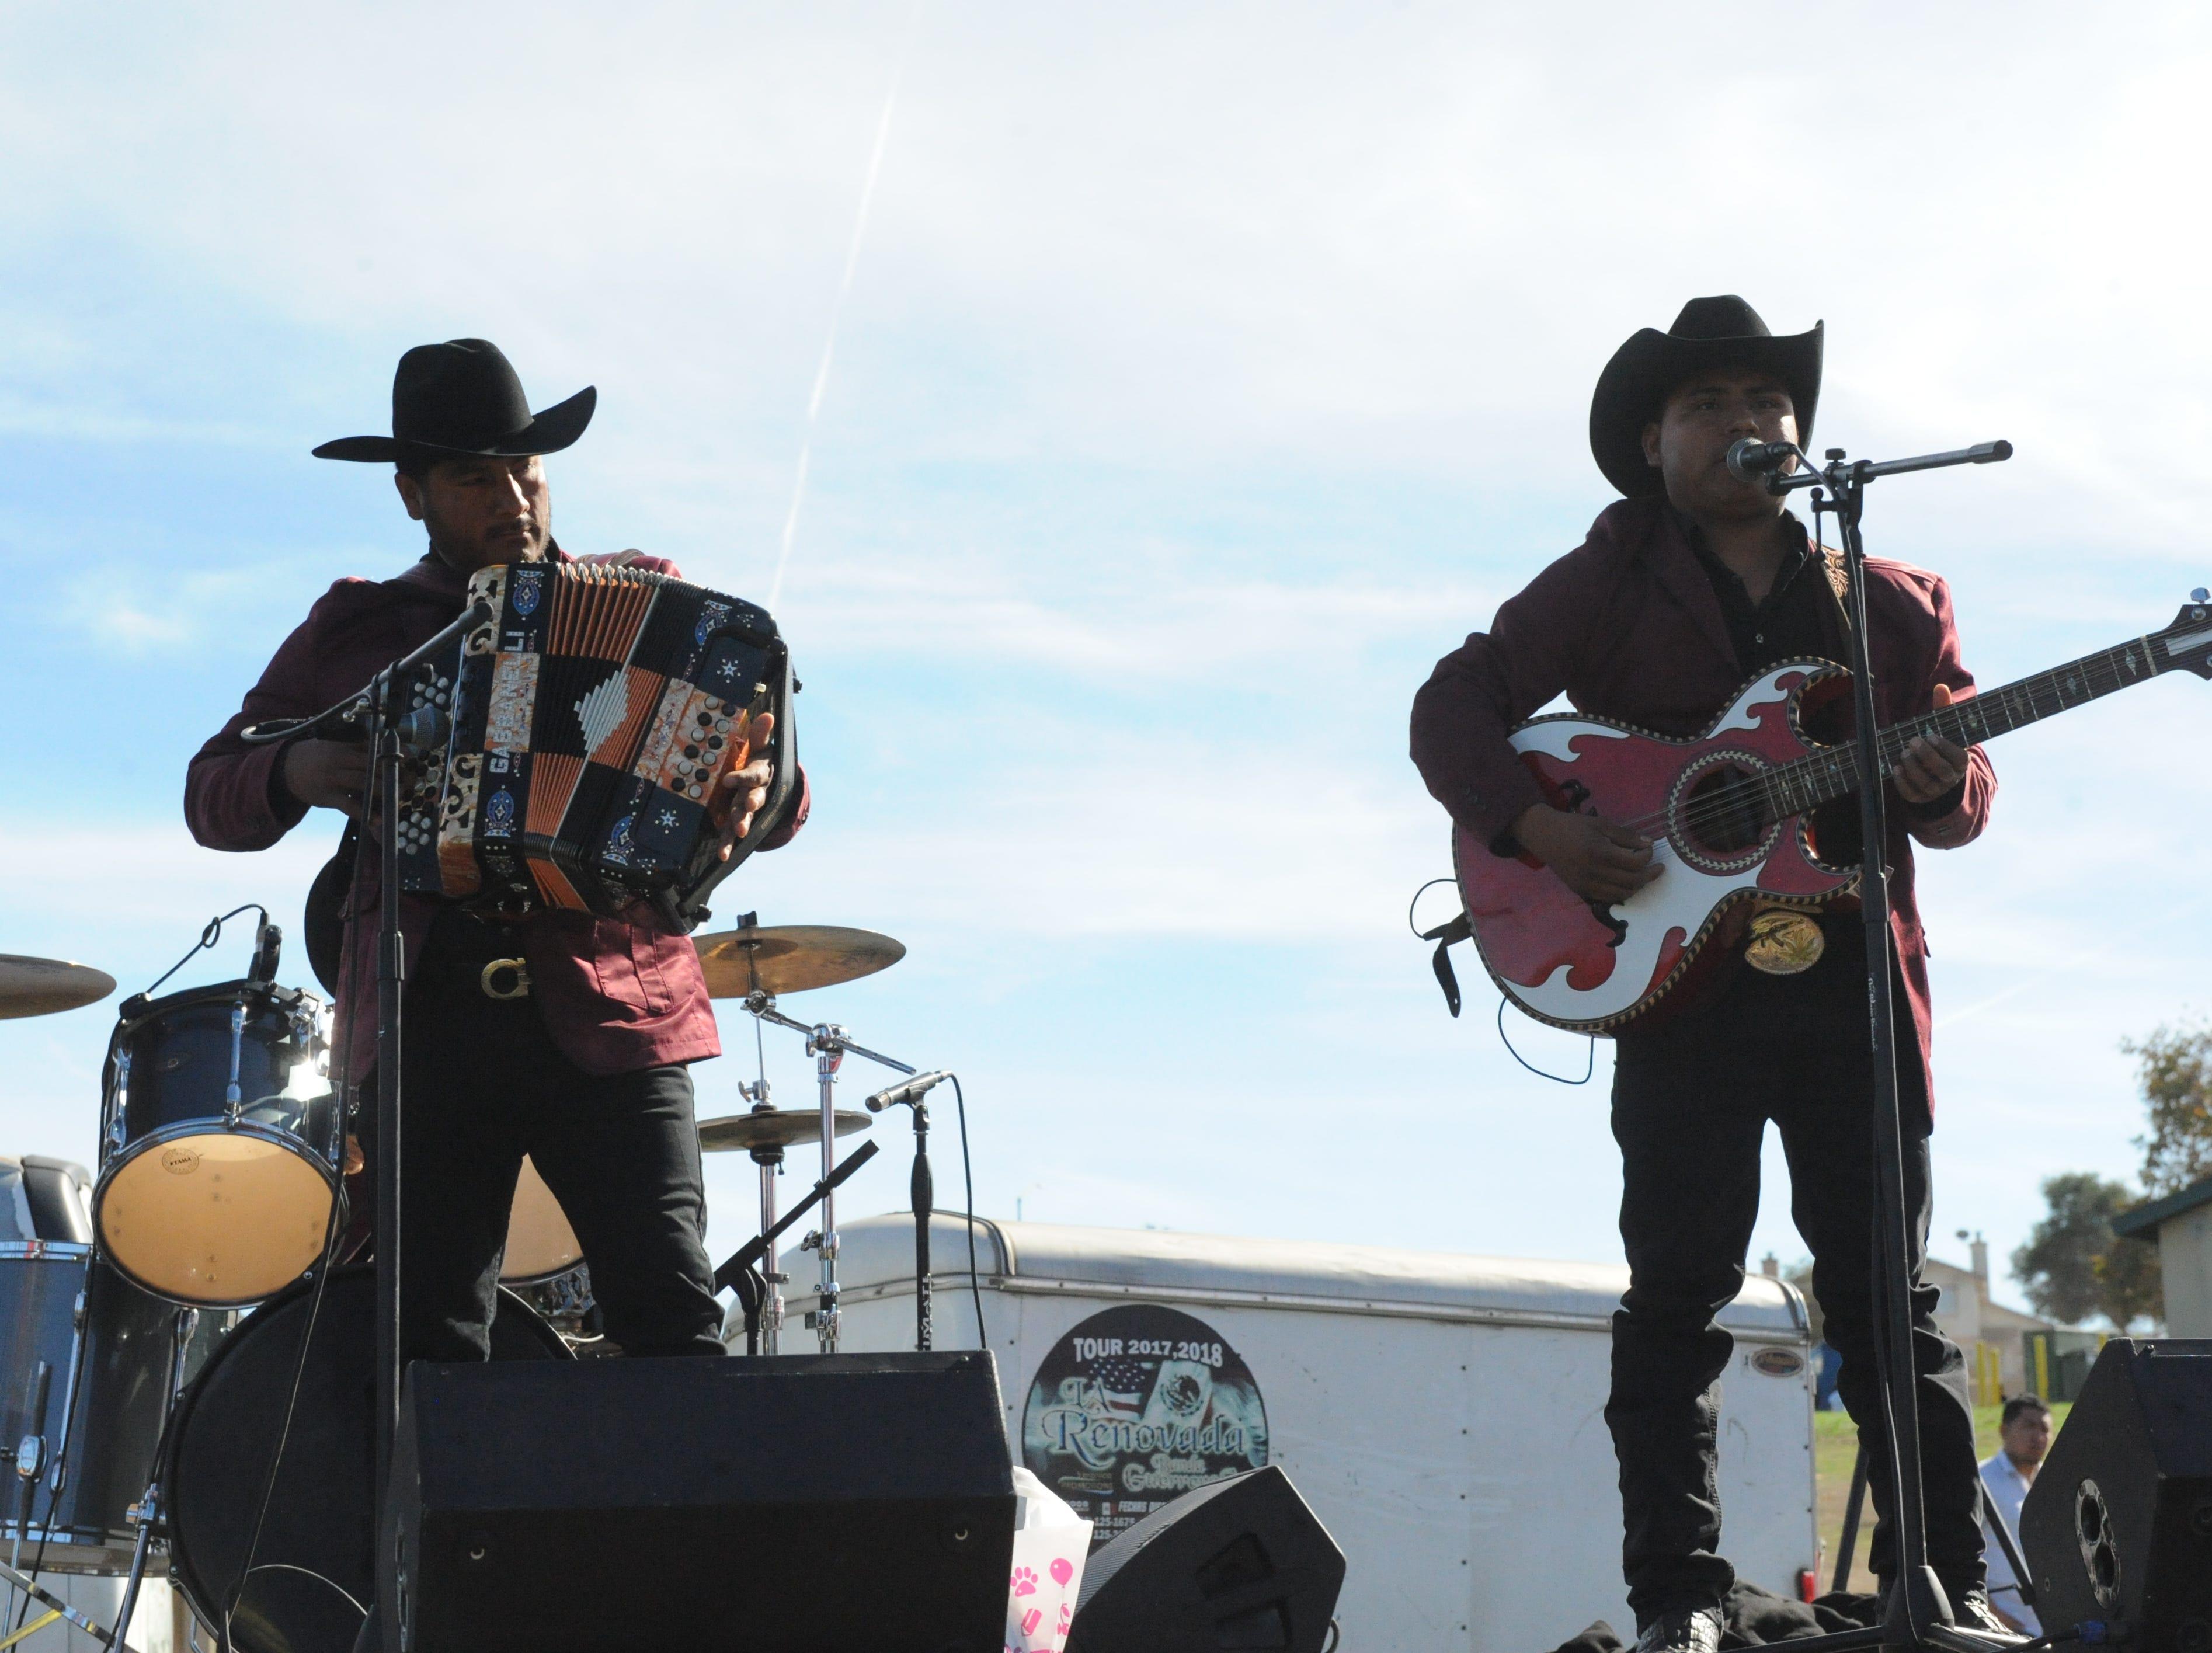 Los Nuevos Austeros, a musical group from Salinas, performs at the Día de los Muertos celebration on Sunday at Natividad Creek Park.